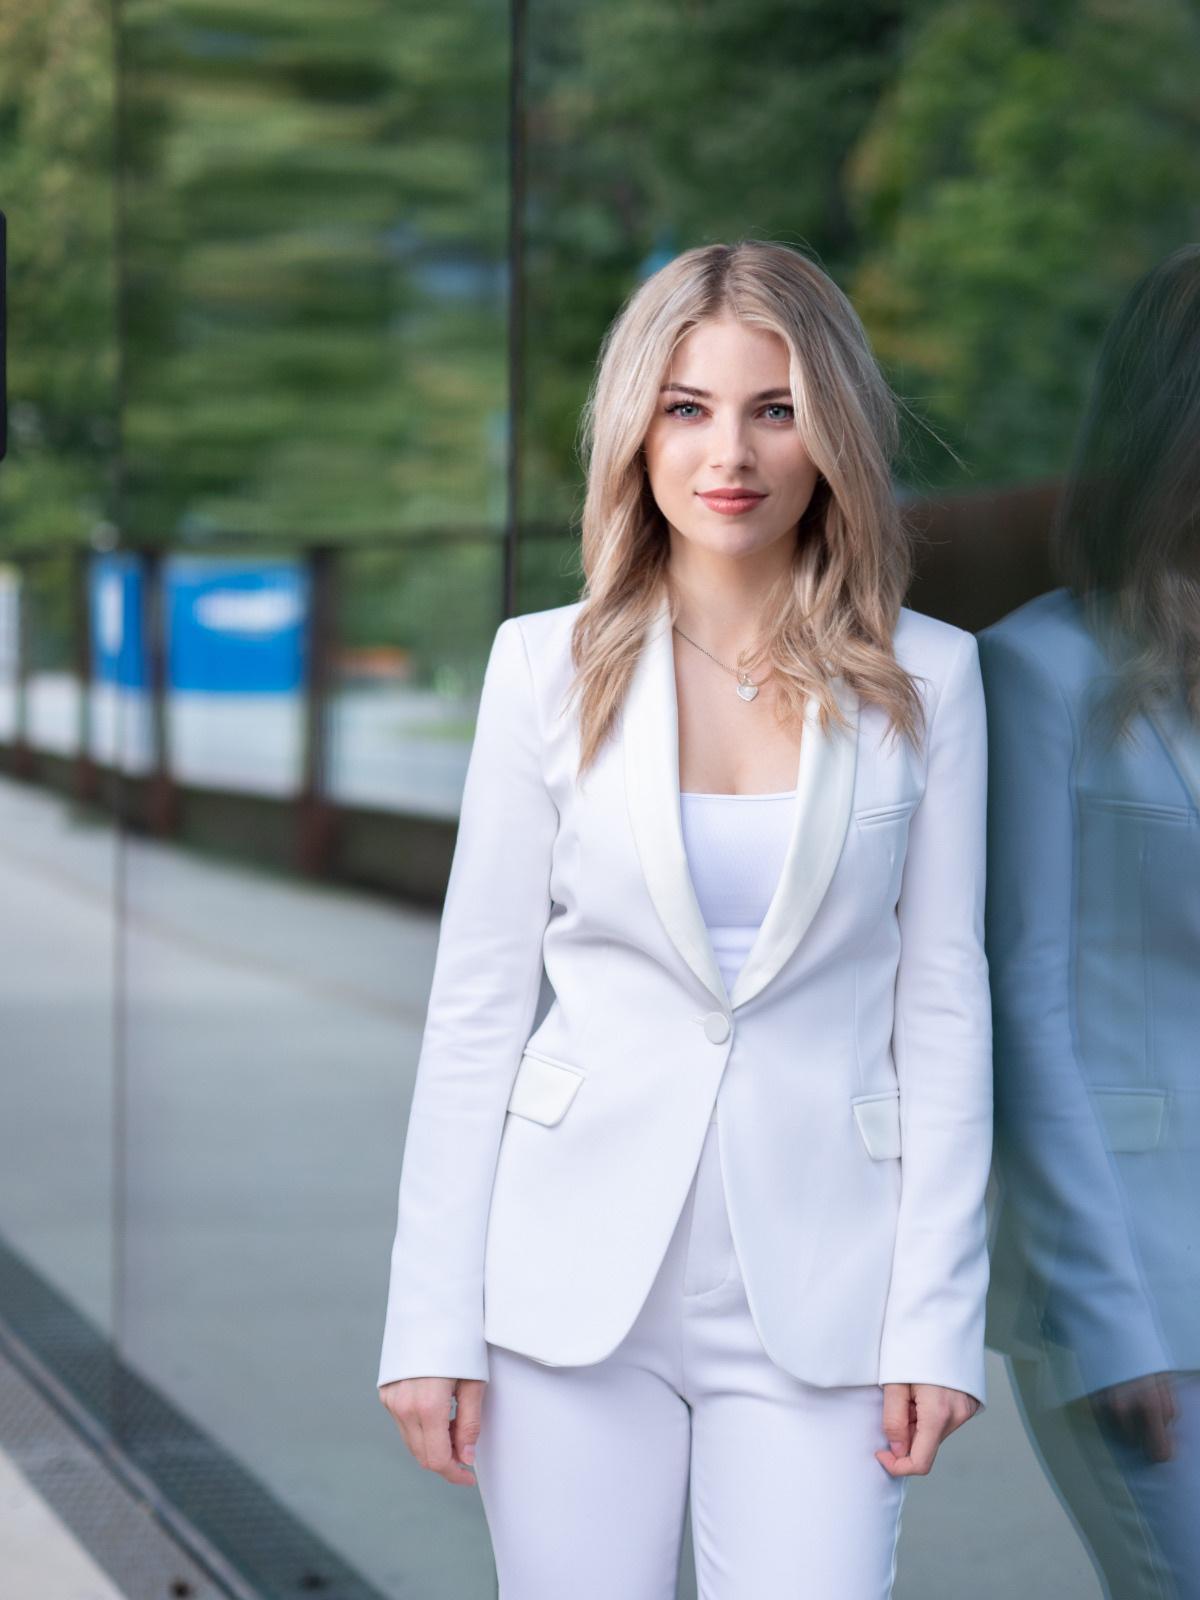 Lisa Graf